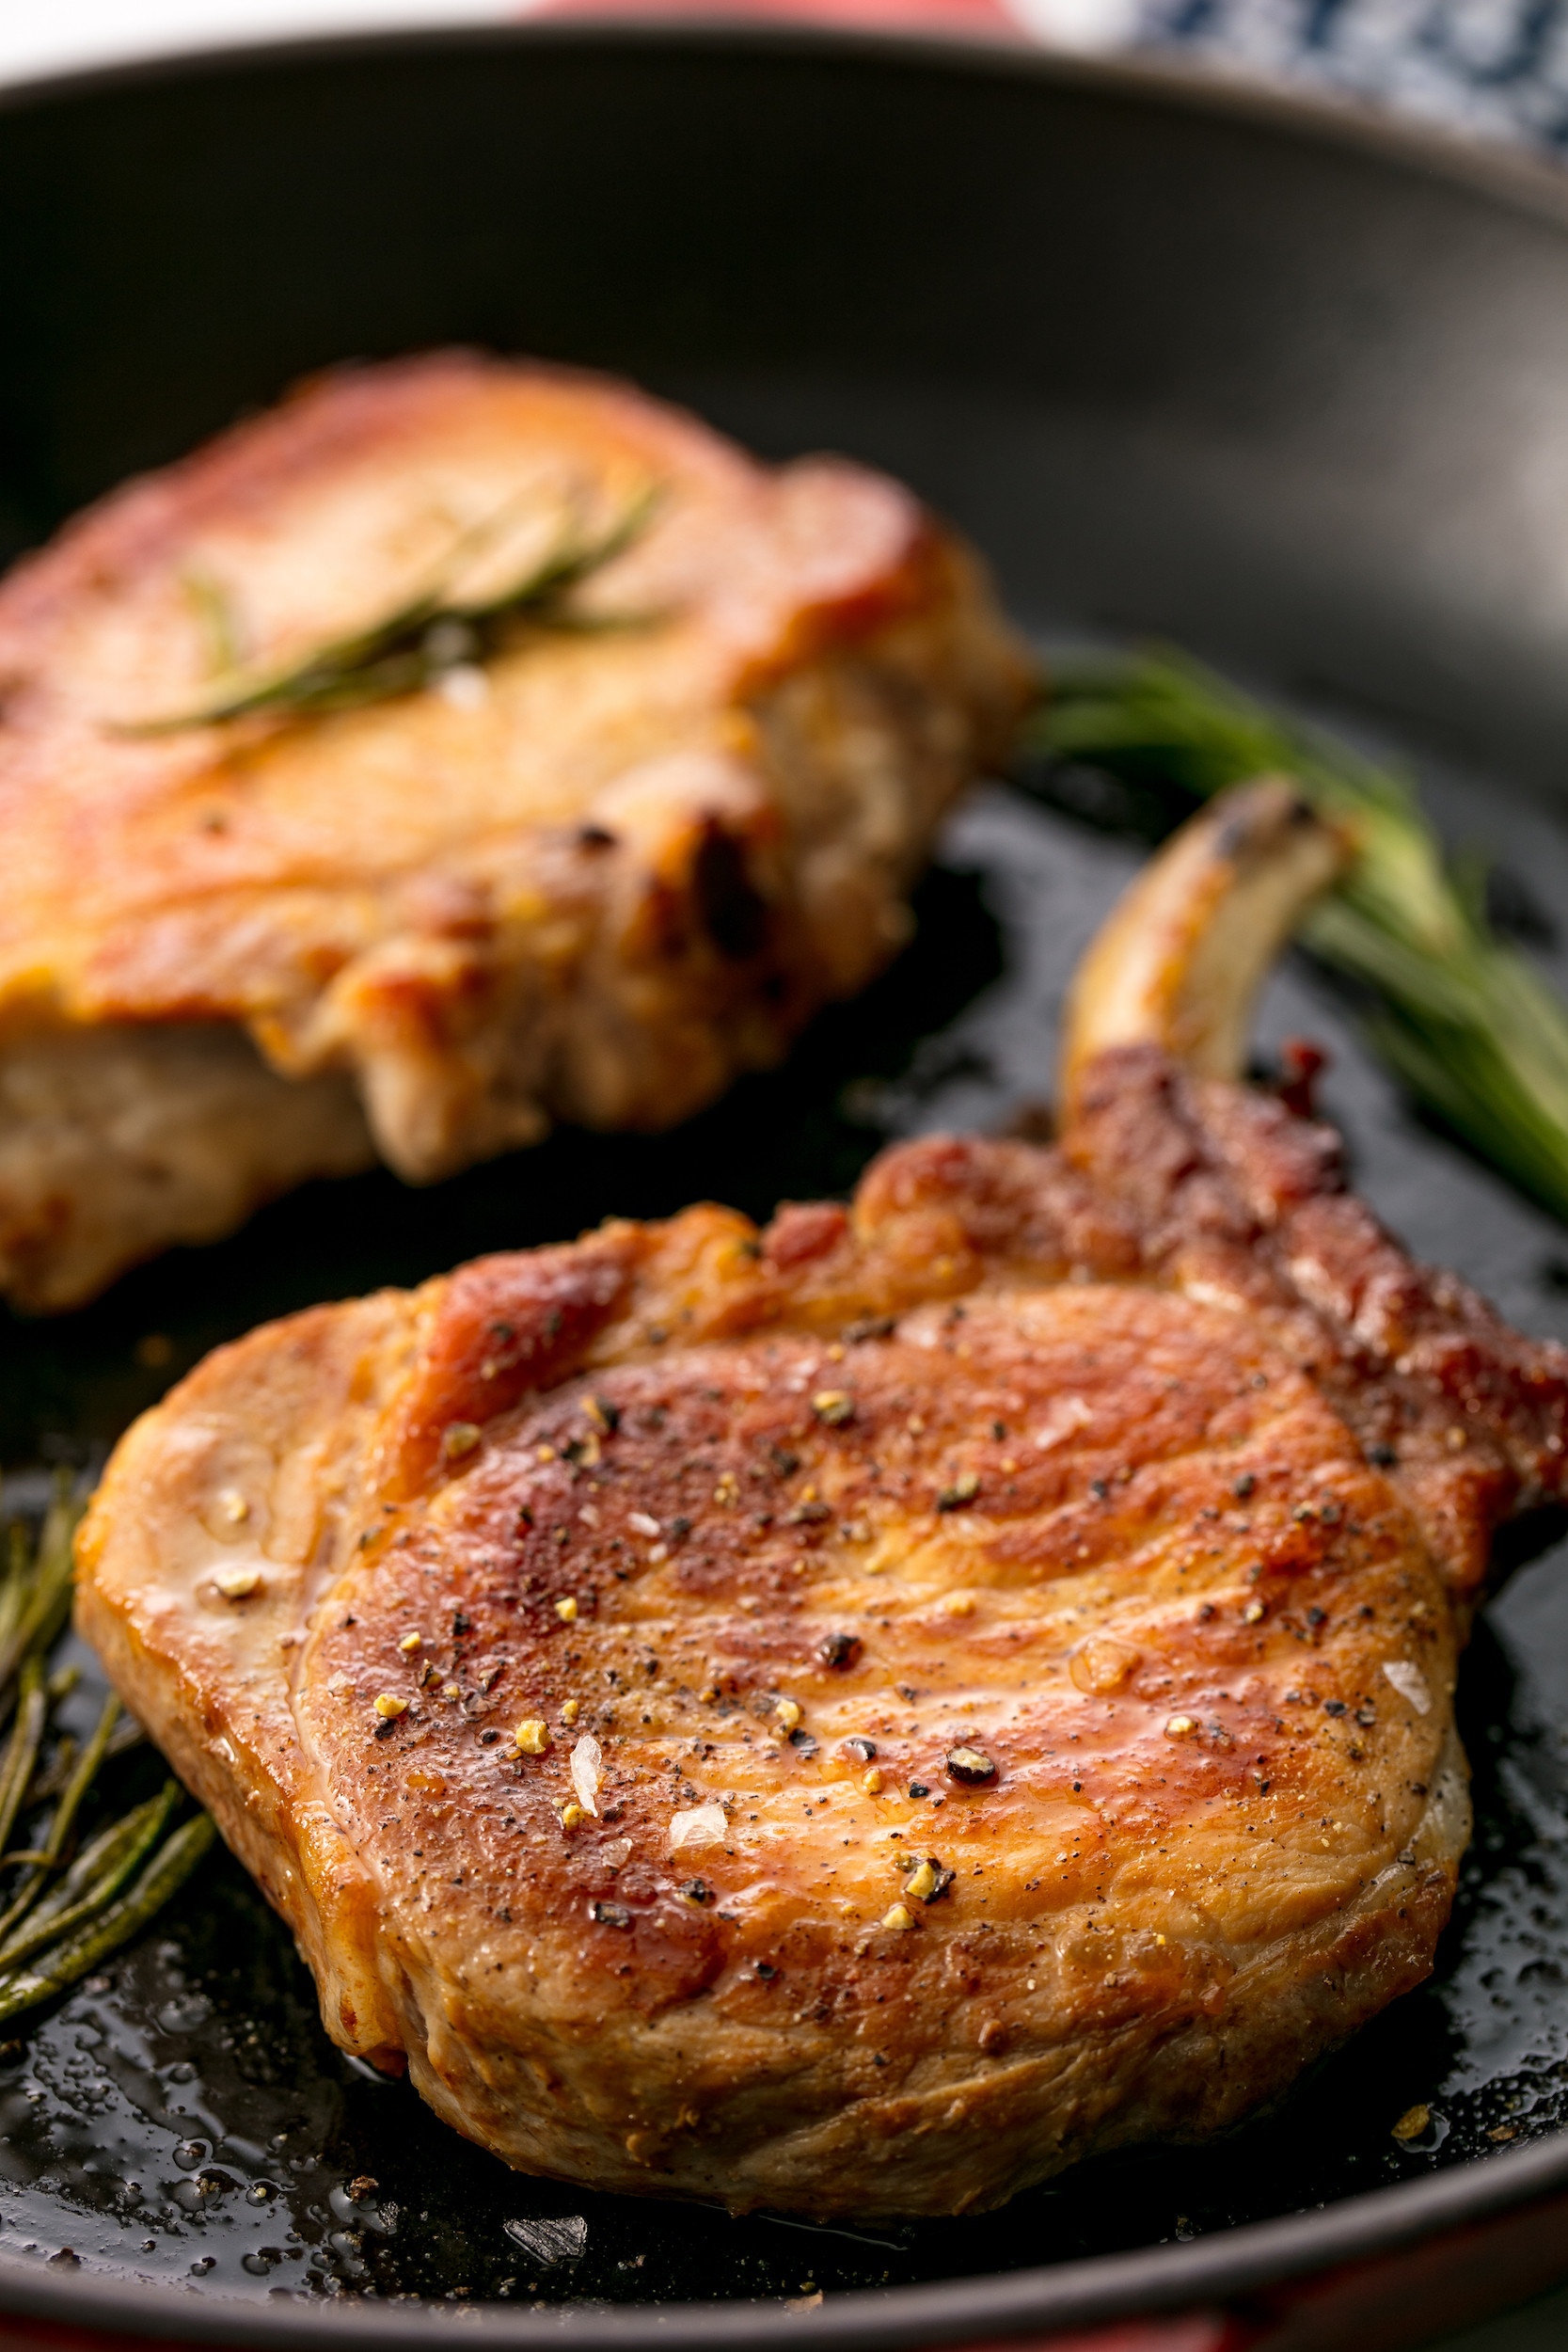 How To Cook Pork Chops  20 Best Pork Chop Recipes How To Cook Pork Chops—Delish